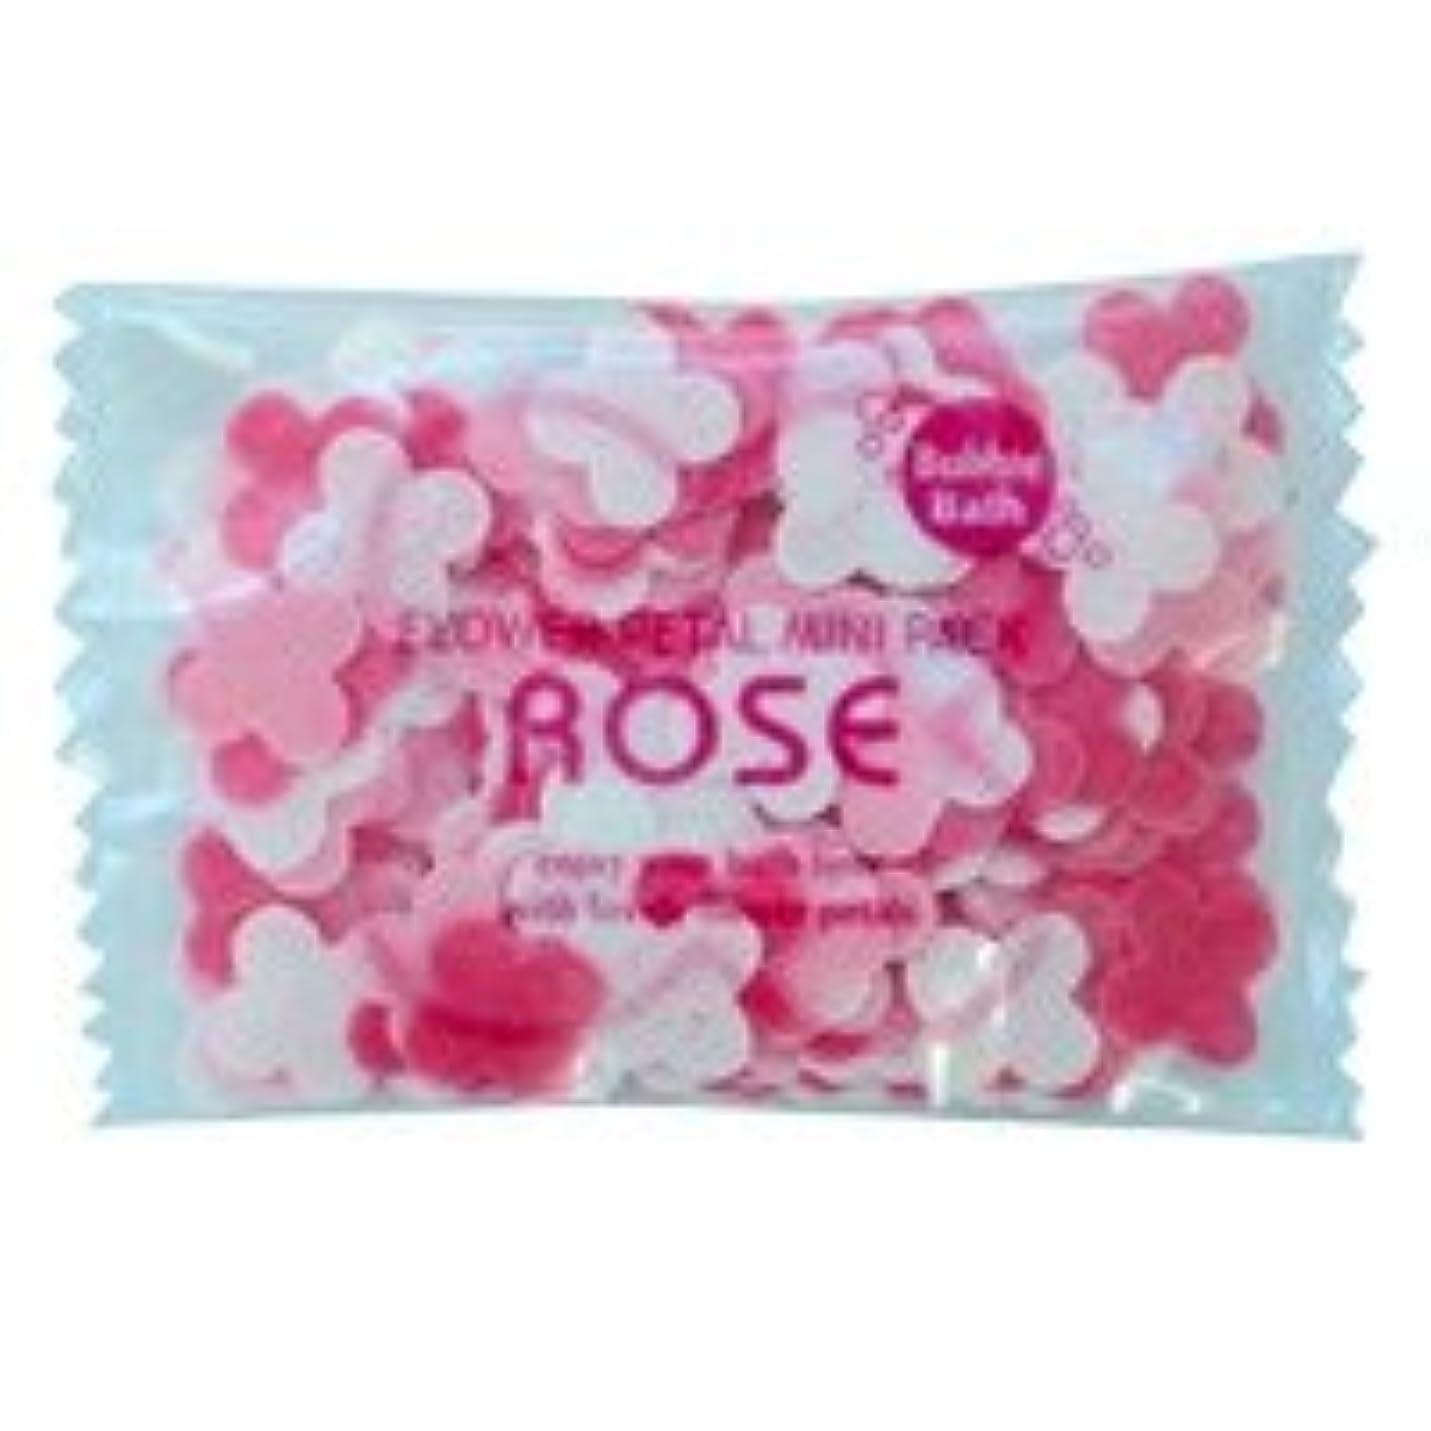 良心的六月エコーフラワーペタル バブルバス ミニパック「ローズ」20個セット ハッピーな気分になりたい日に幸福感で包んでくれる華やかなローズの香り